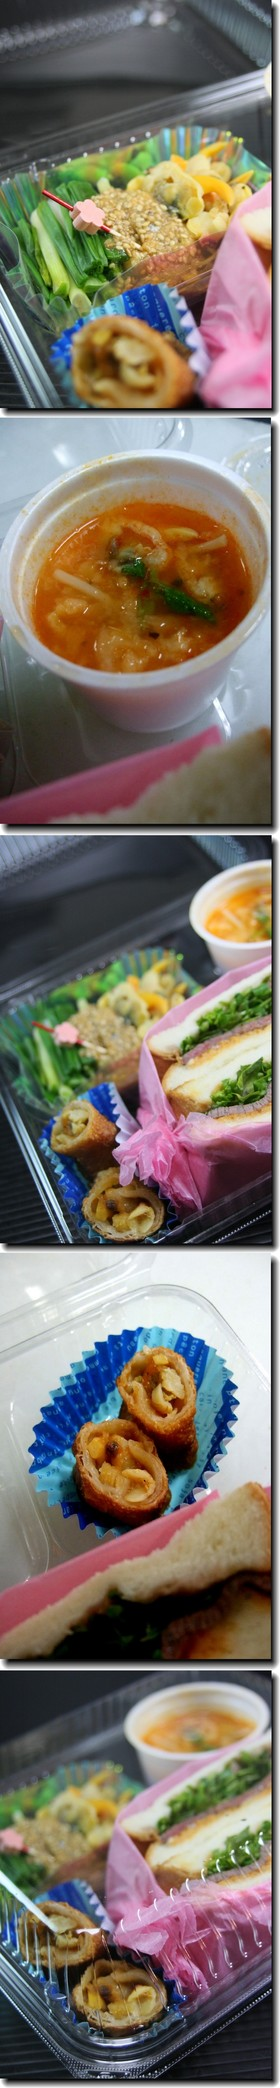 Lunch boxお肉と浅蜊とスープ付